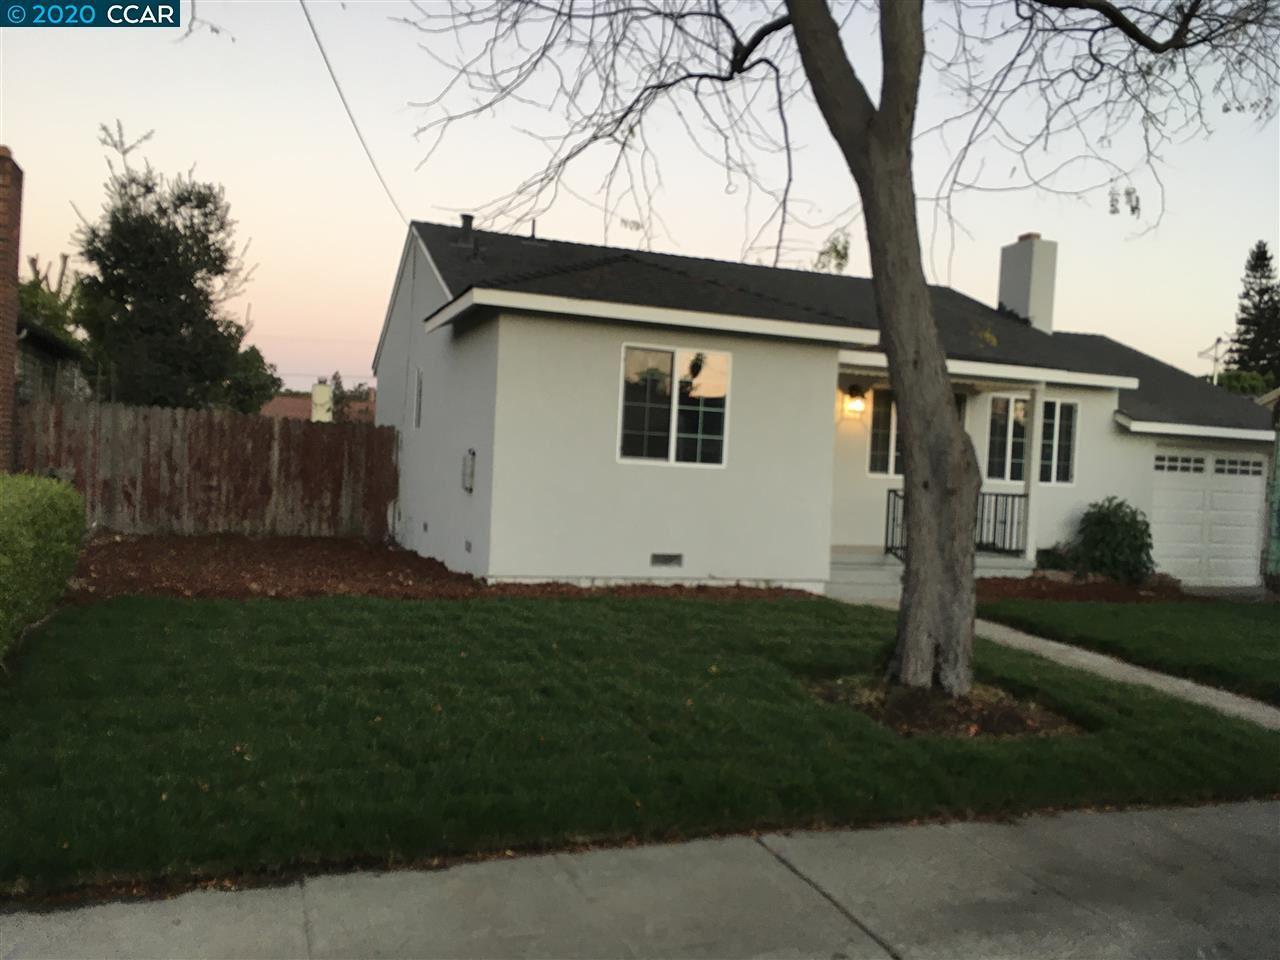 Photo for 15168 Endicott St, SAN LEANDRO, CA 94579 (MLS # 40926898)